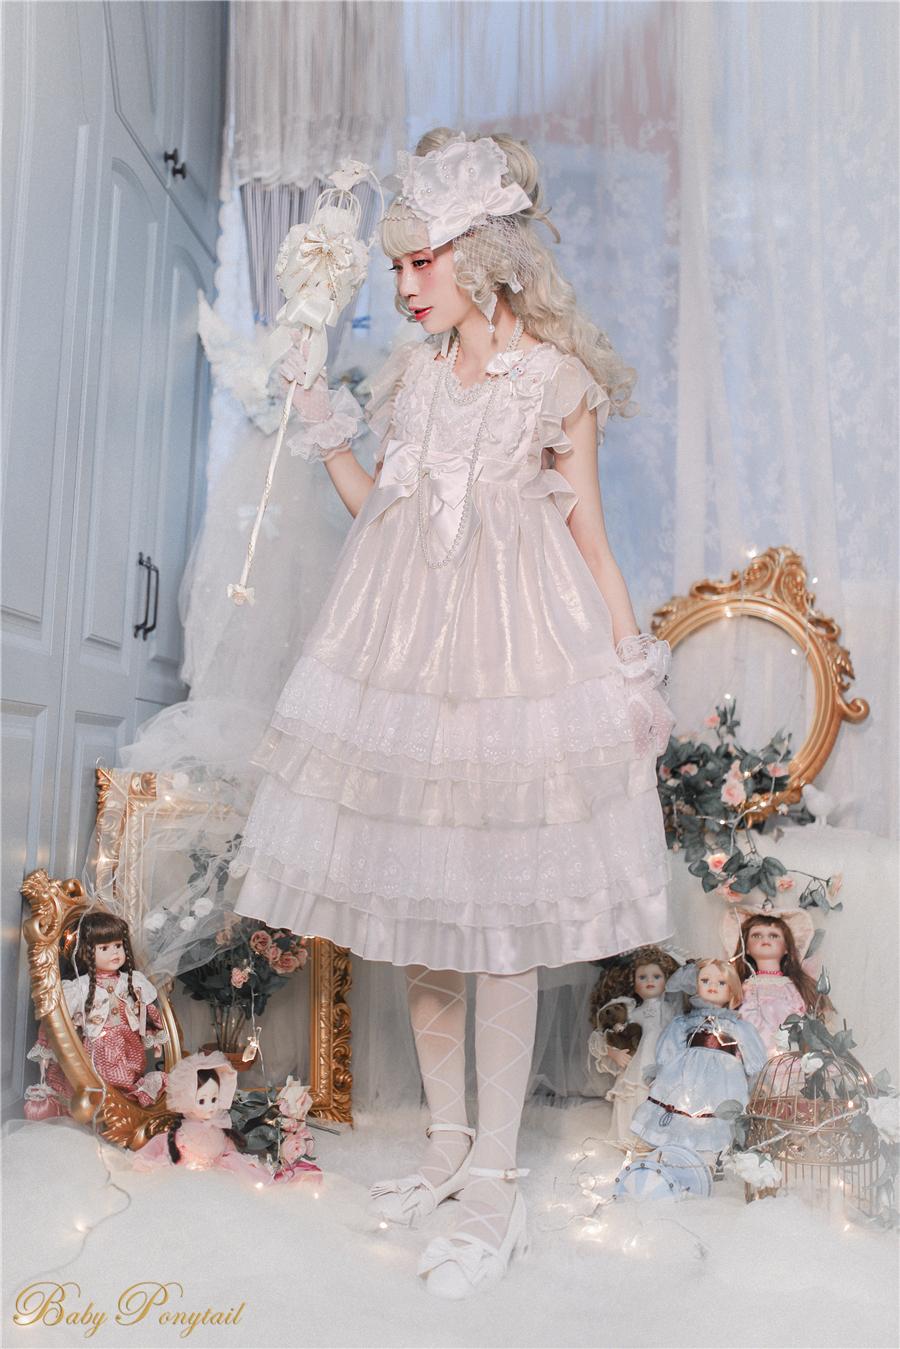 Babyponytail_Model Photo_Present Angel_JSK white_2_Kaka_10.jpg